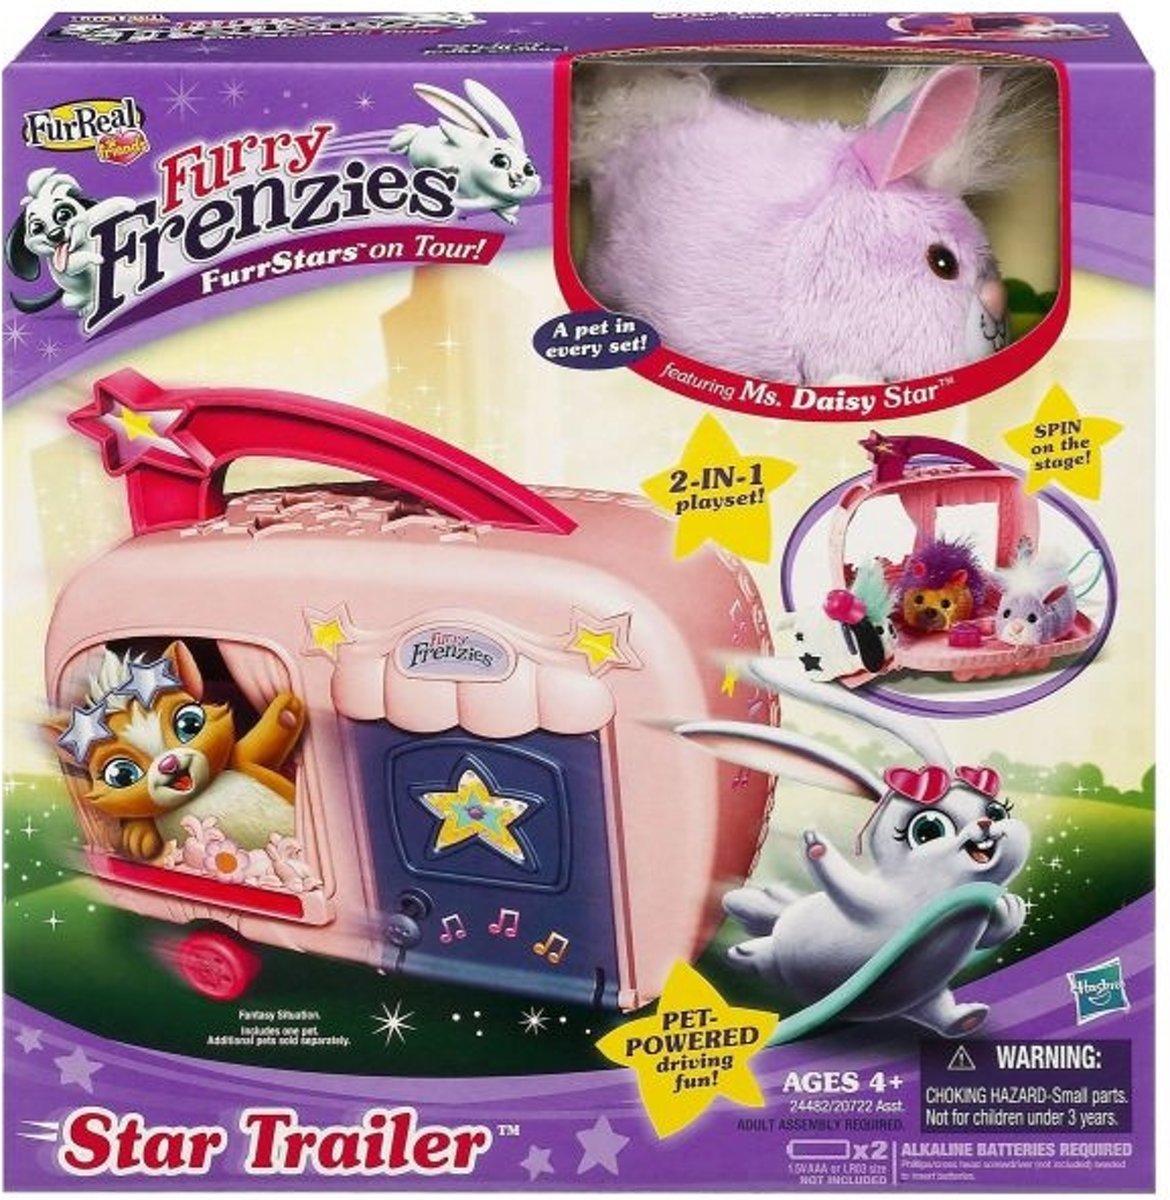 FurReal Friends Furry Frenzies Speelsetje - Elektronische knuffel